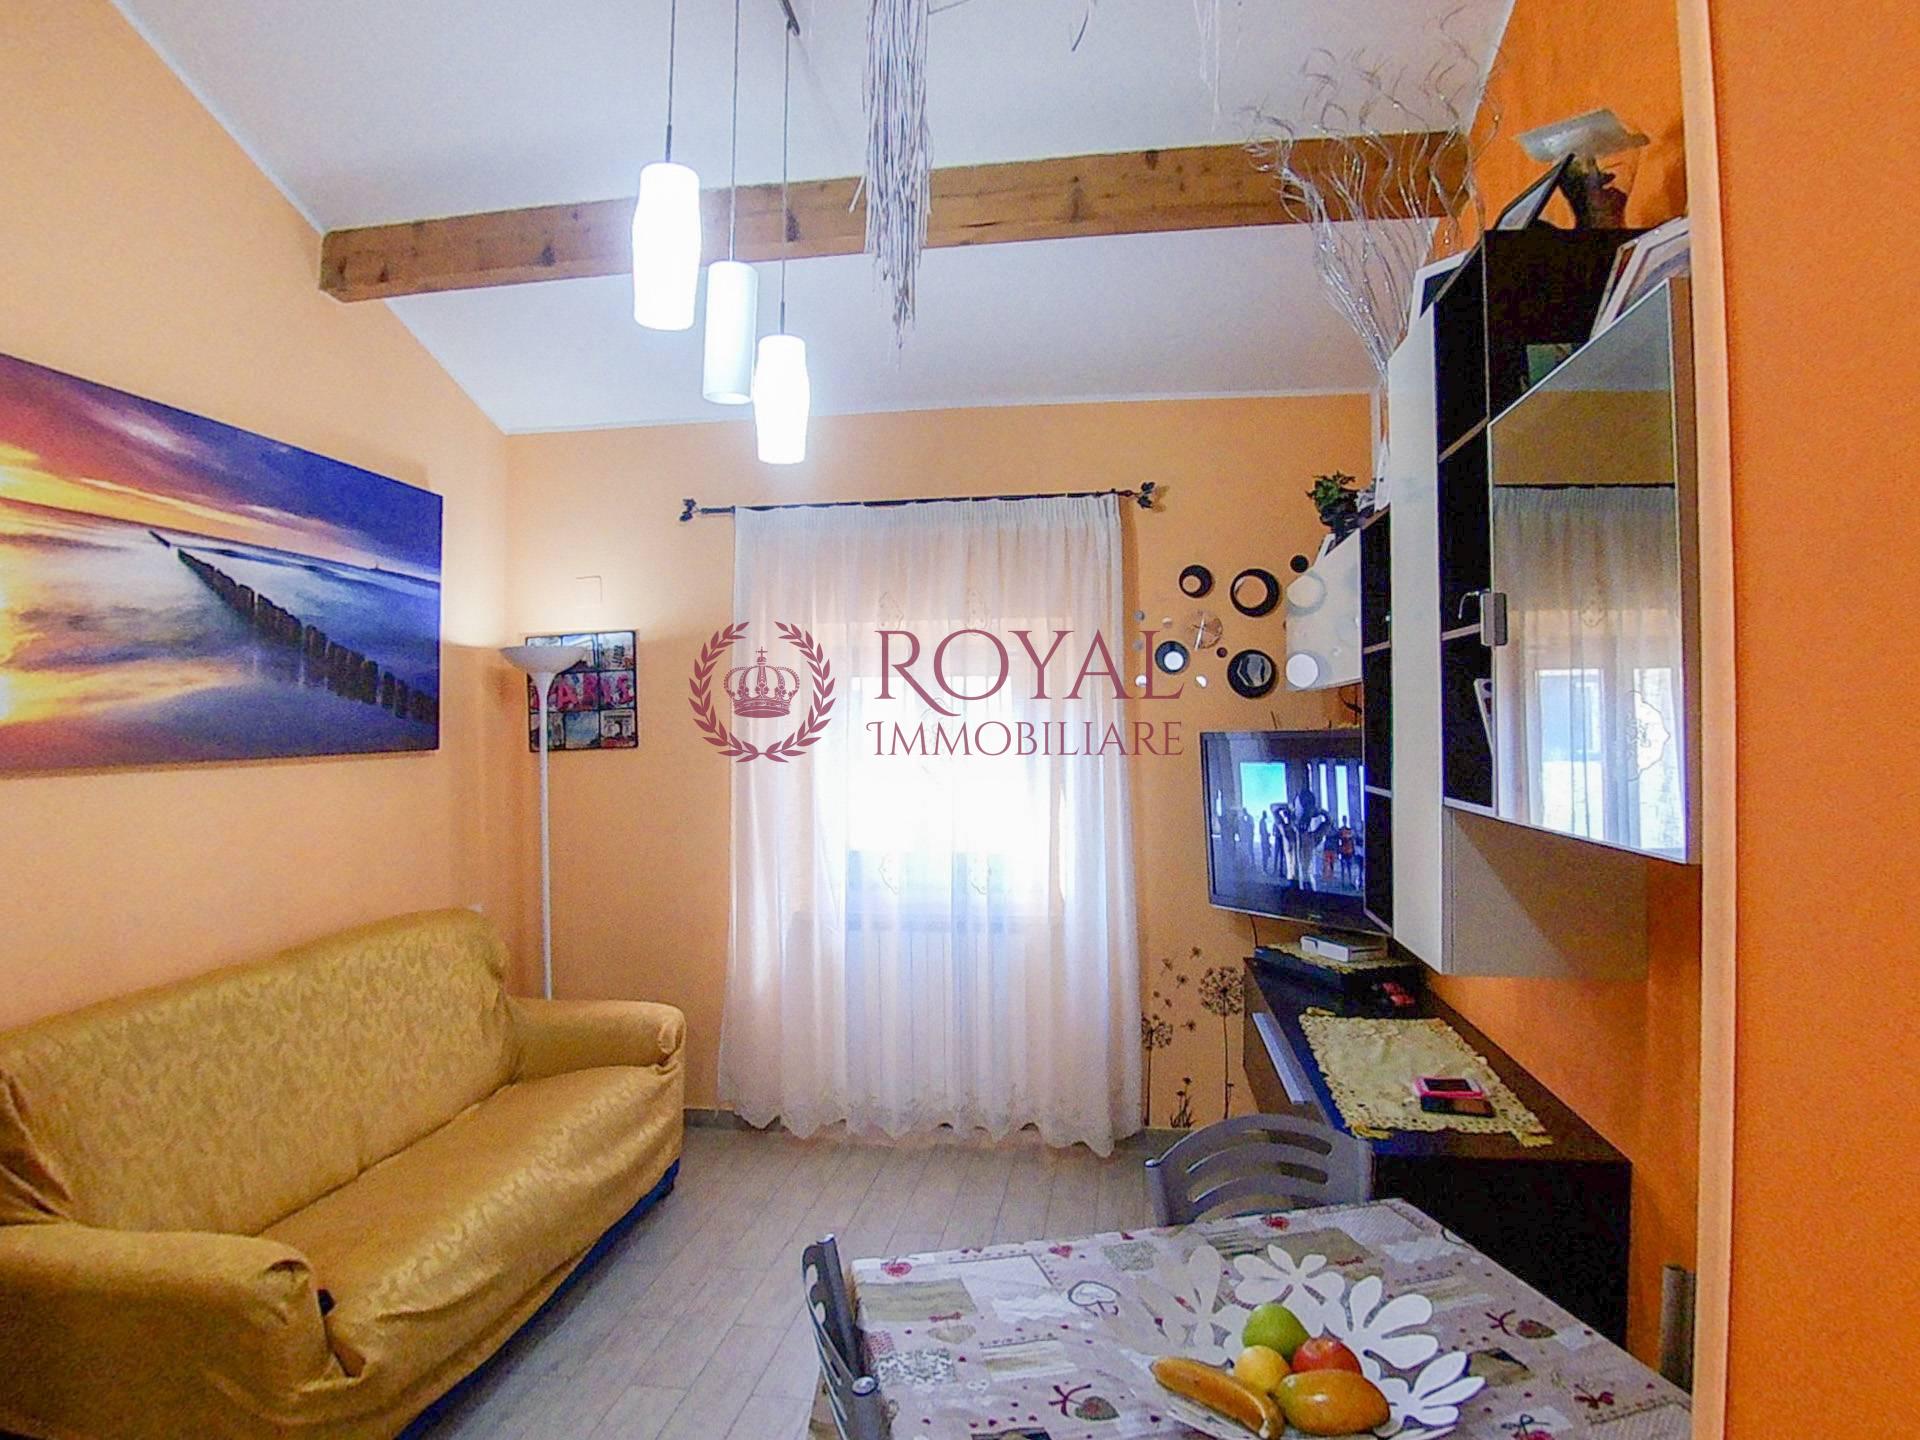 livorno vendita quart: san marco royal immobiliare professional s.a.s.